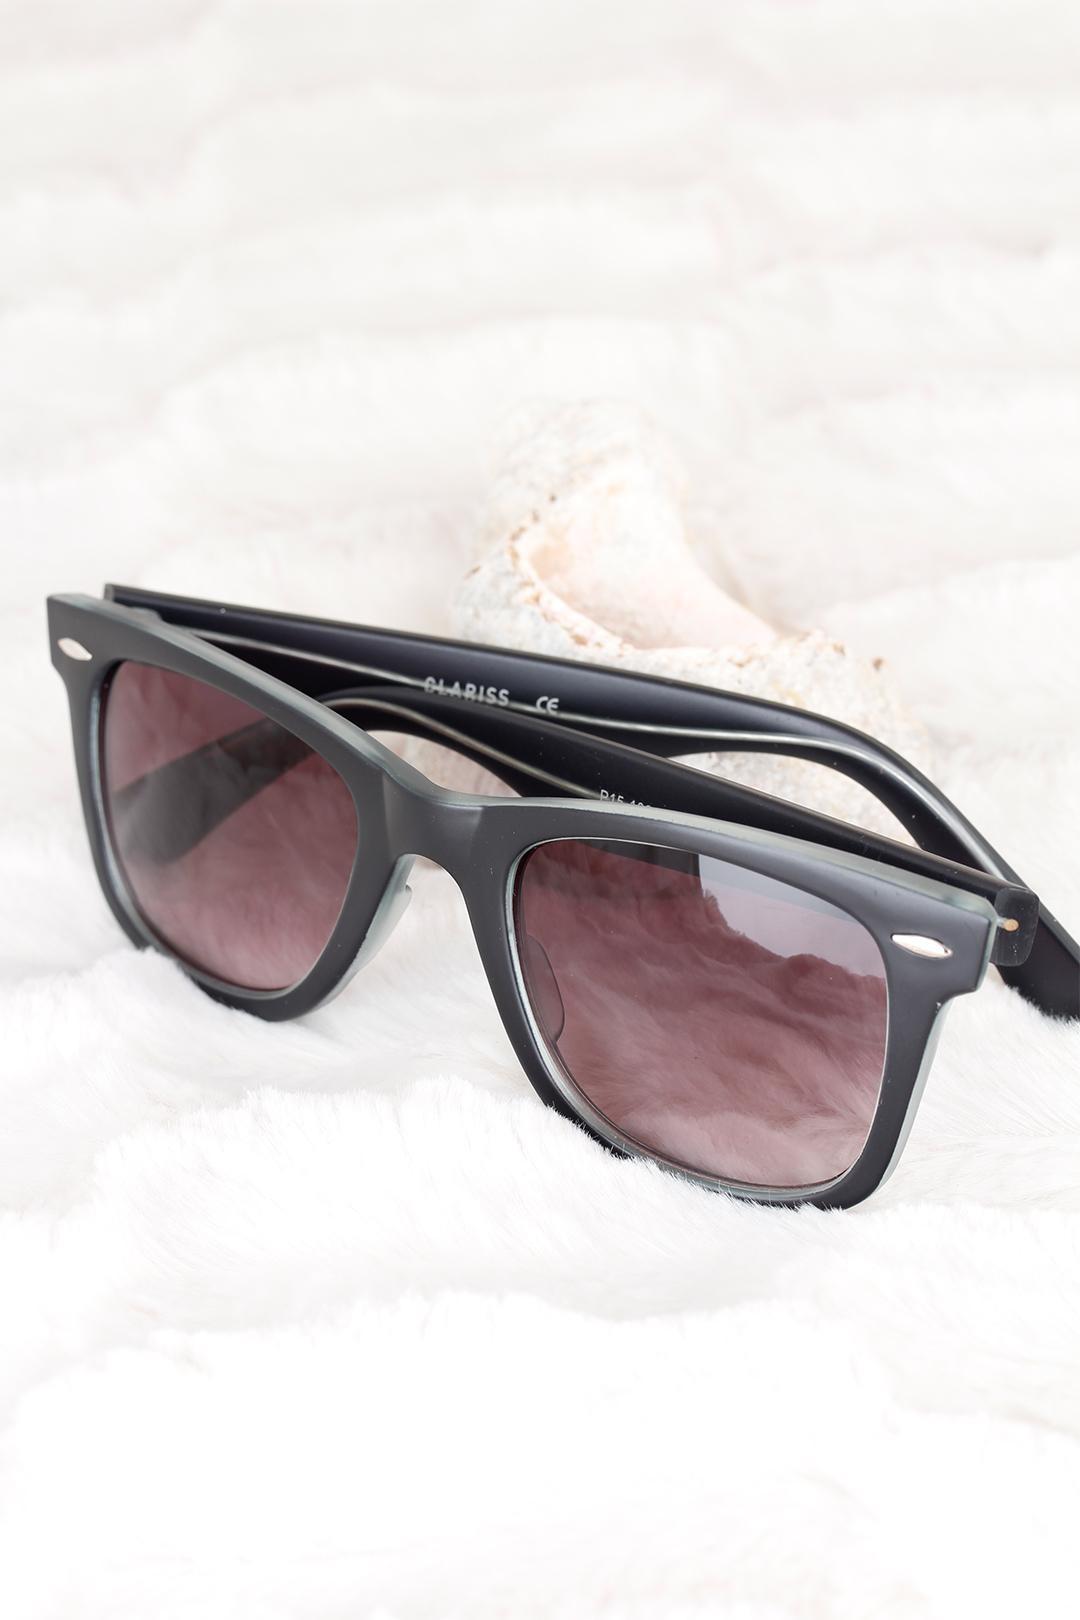 83c9f8db2 البيع بالجملة نظارات رجالية صناعة تركية من اسطنبول | السعر : 11 ...